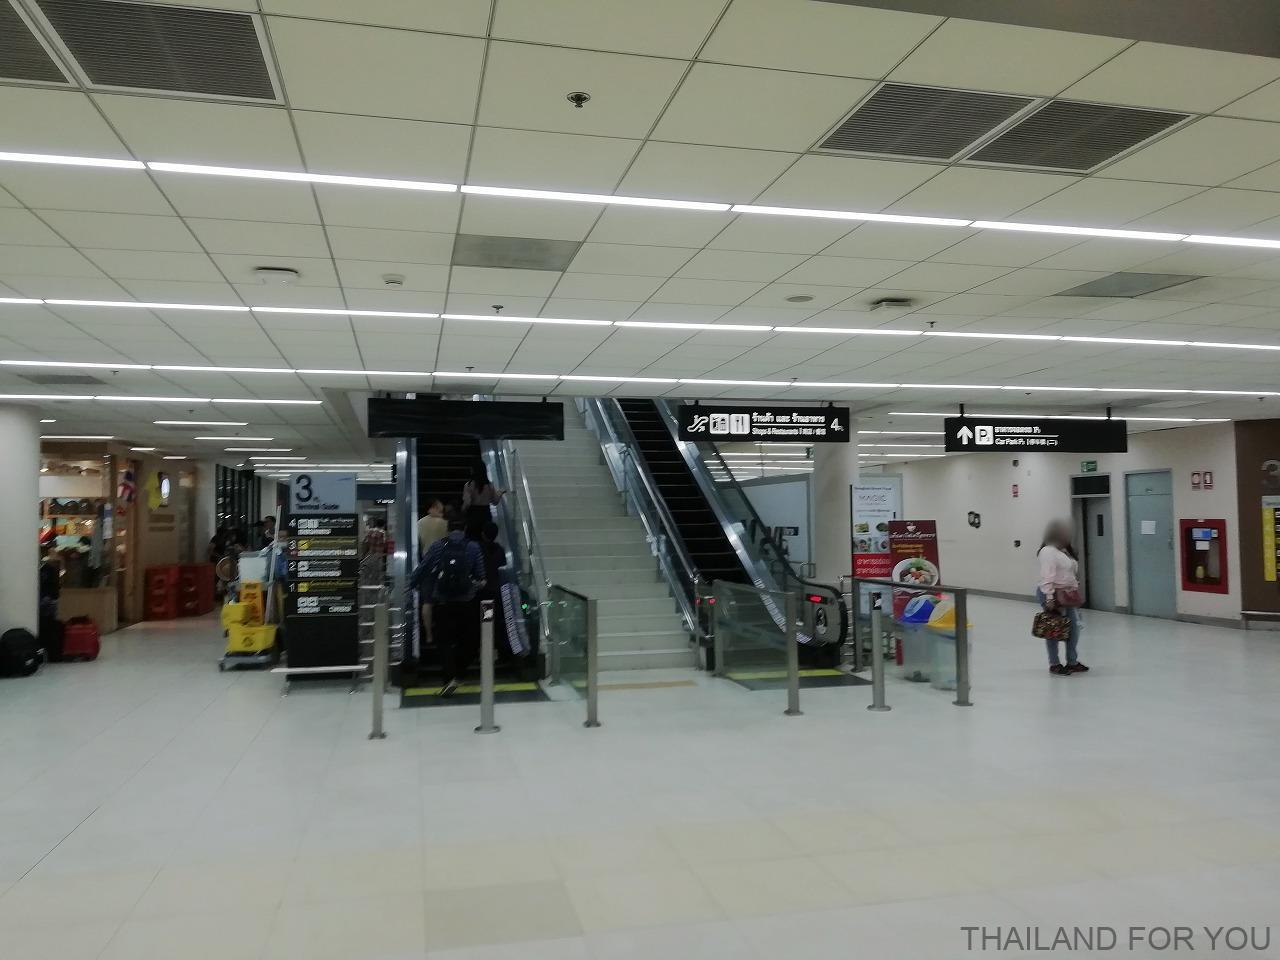 ドンムアン空港 ミラクルコワーキングスペース